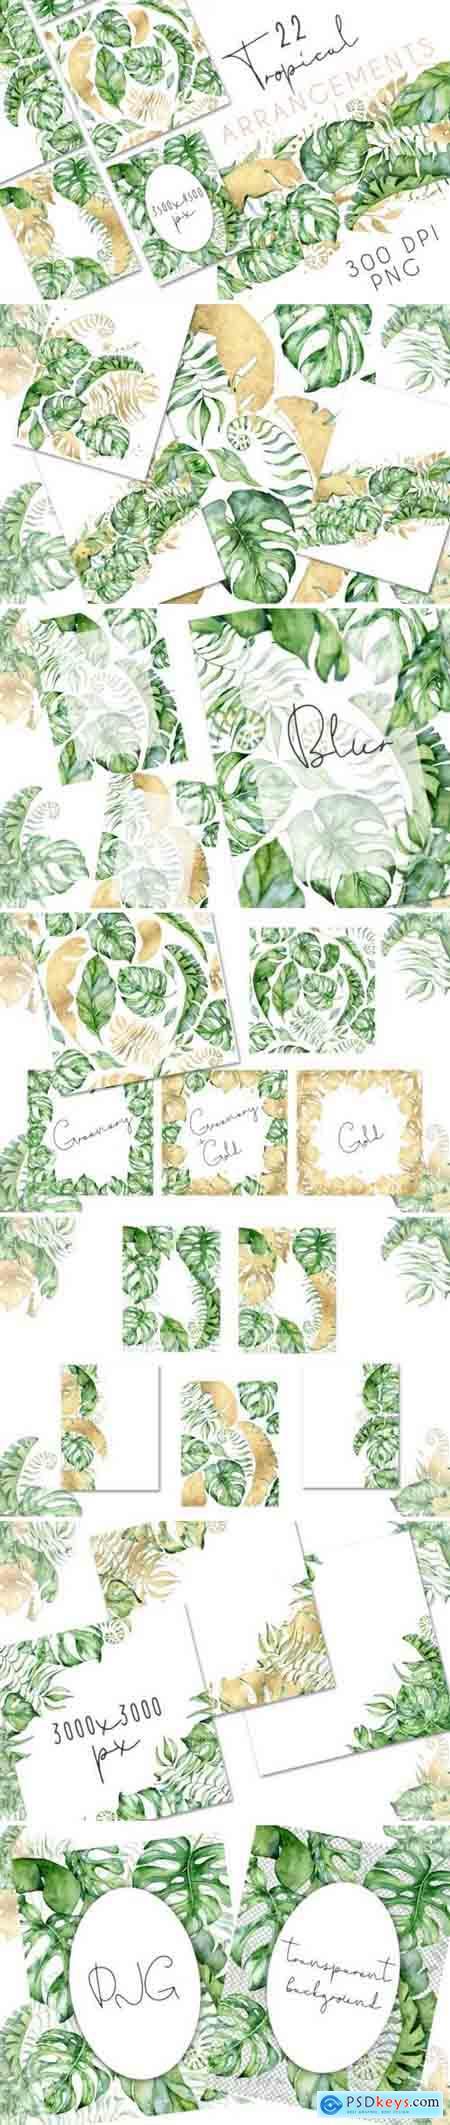 Creativemarket 22 Tropical Arrangements watercolor jungle clipart